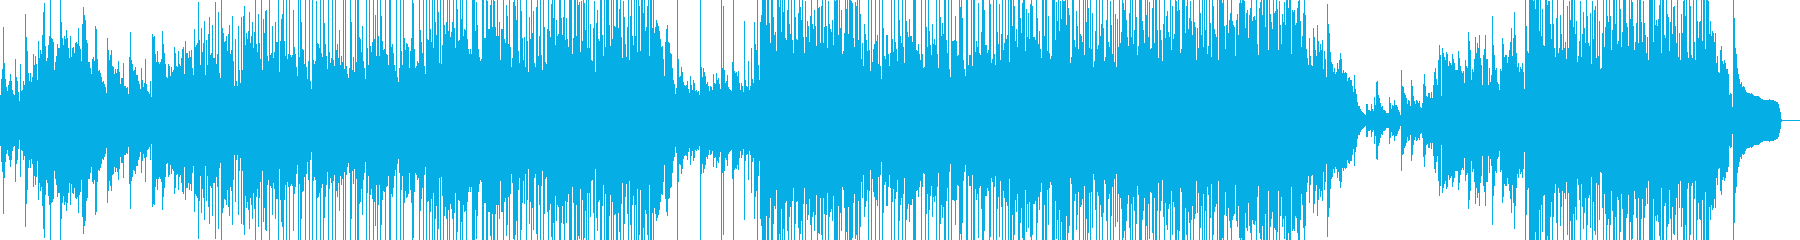 疾走感・爽やか・透明感・ポップスの再生済みの波形